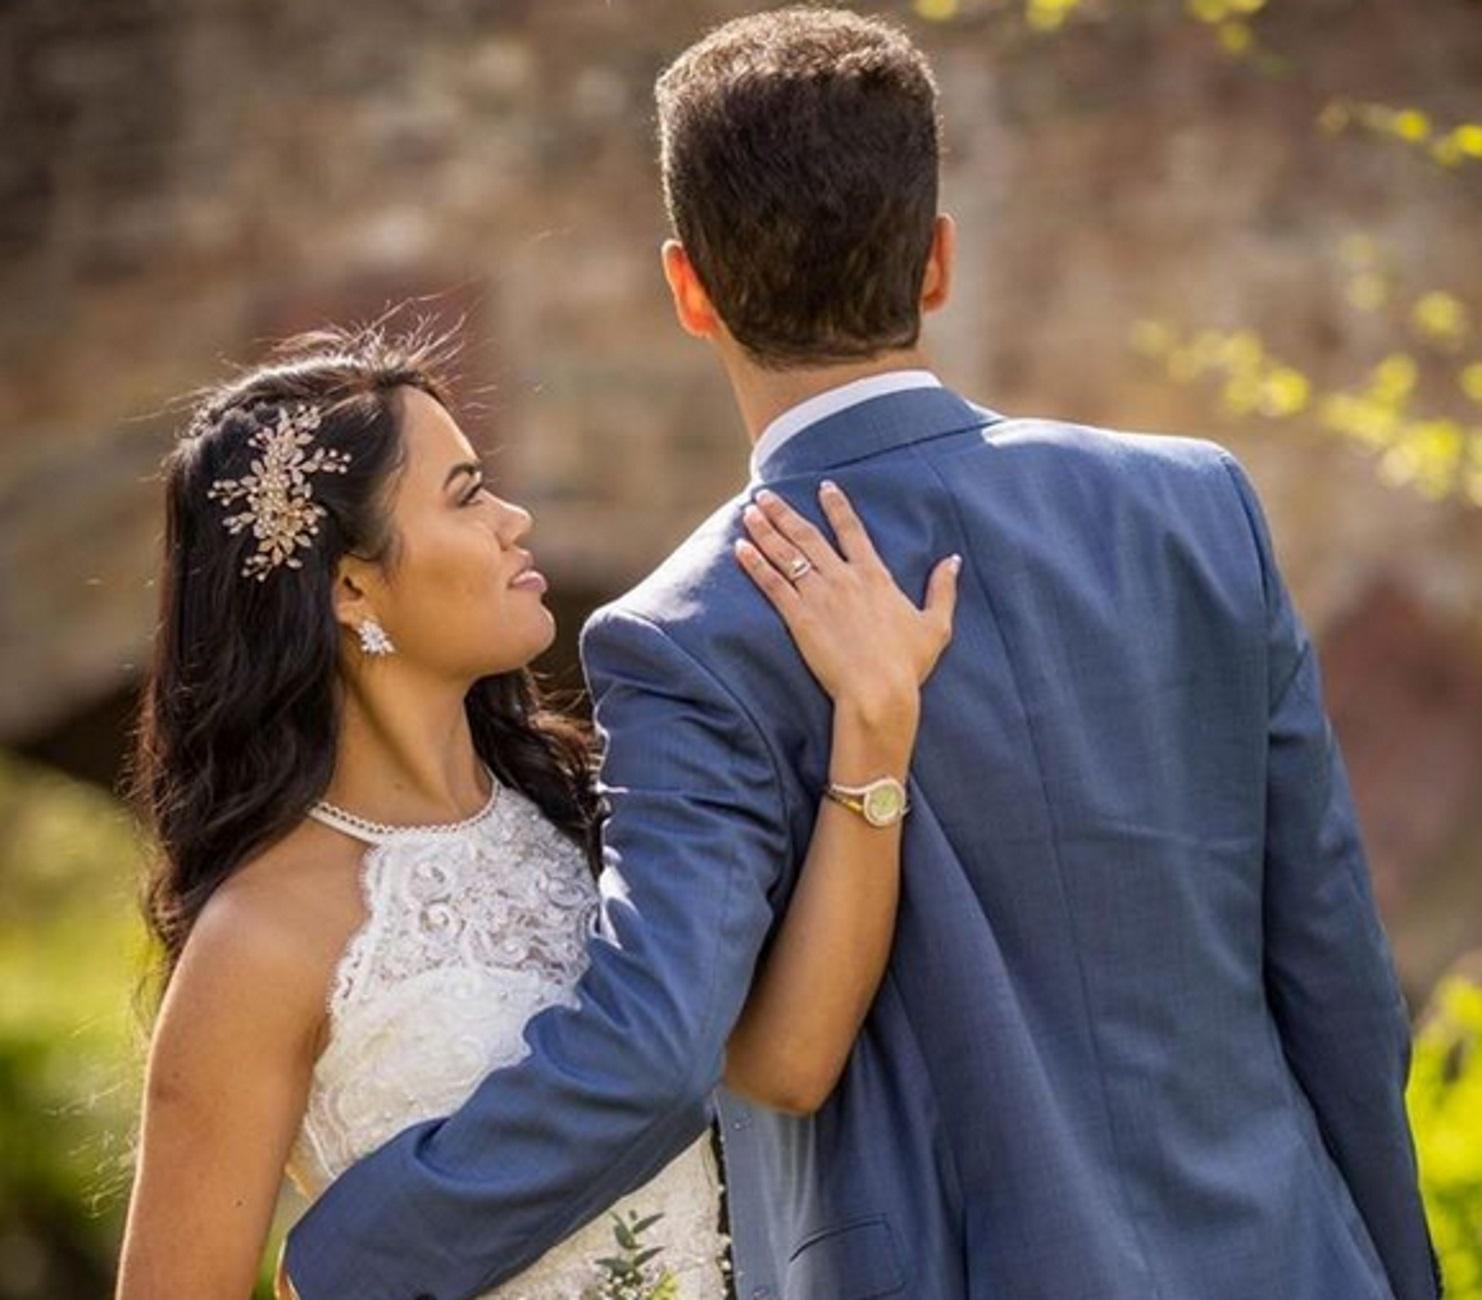 Λάρισα: Ο γάμος που έγινε θέμα συζήτησης – Παντρεύτηκε τη Βραζιλιάνα εκλεκτή της καρδιάς του